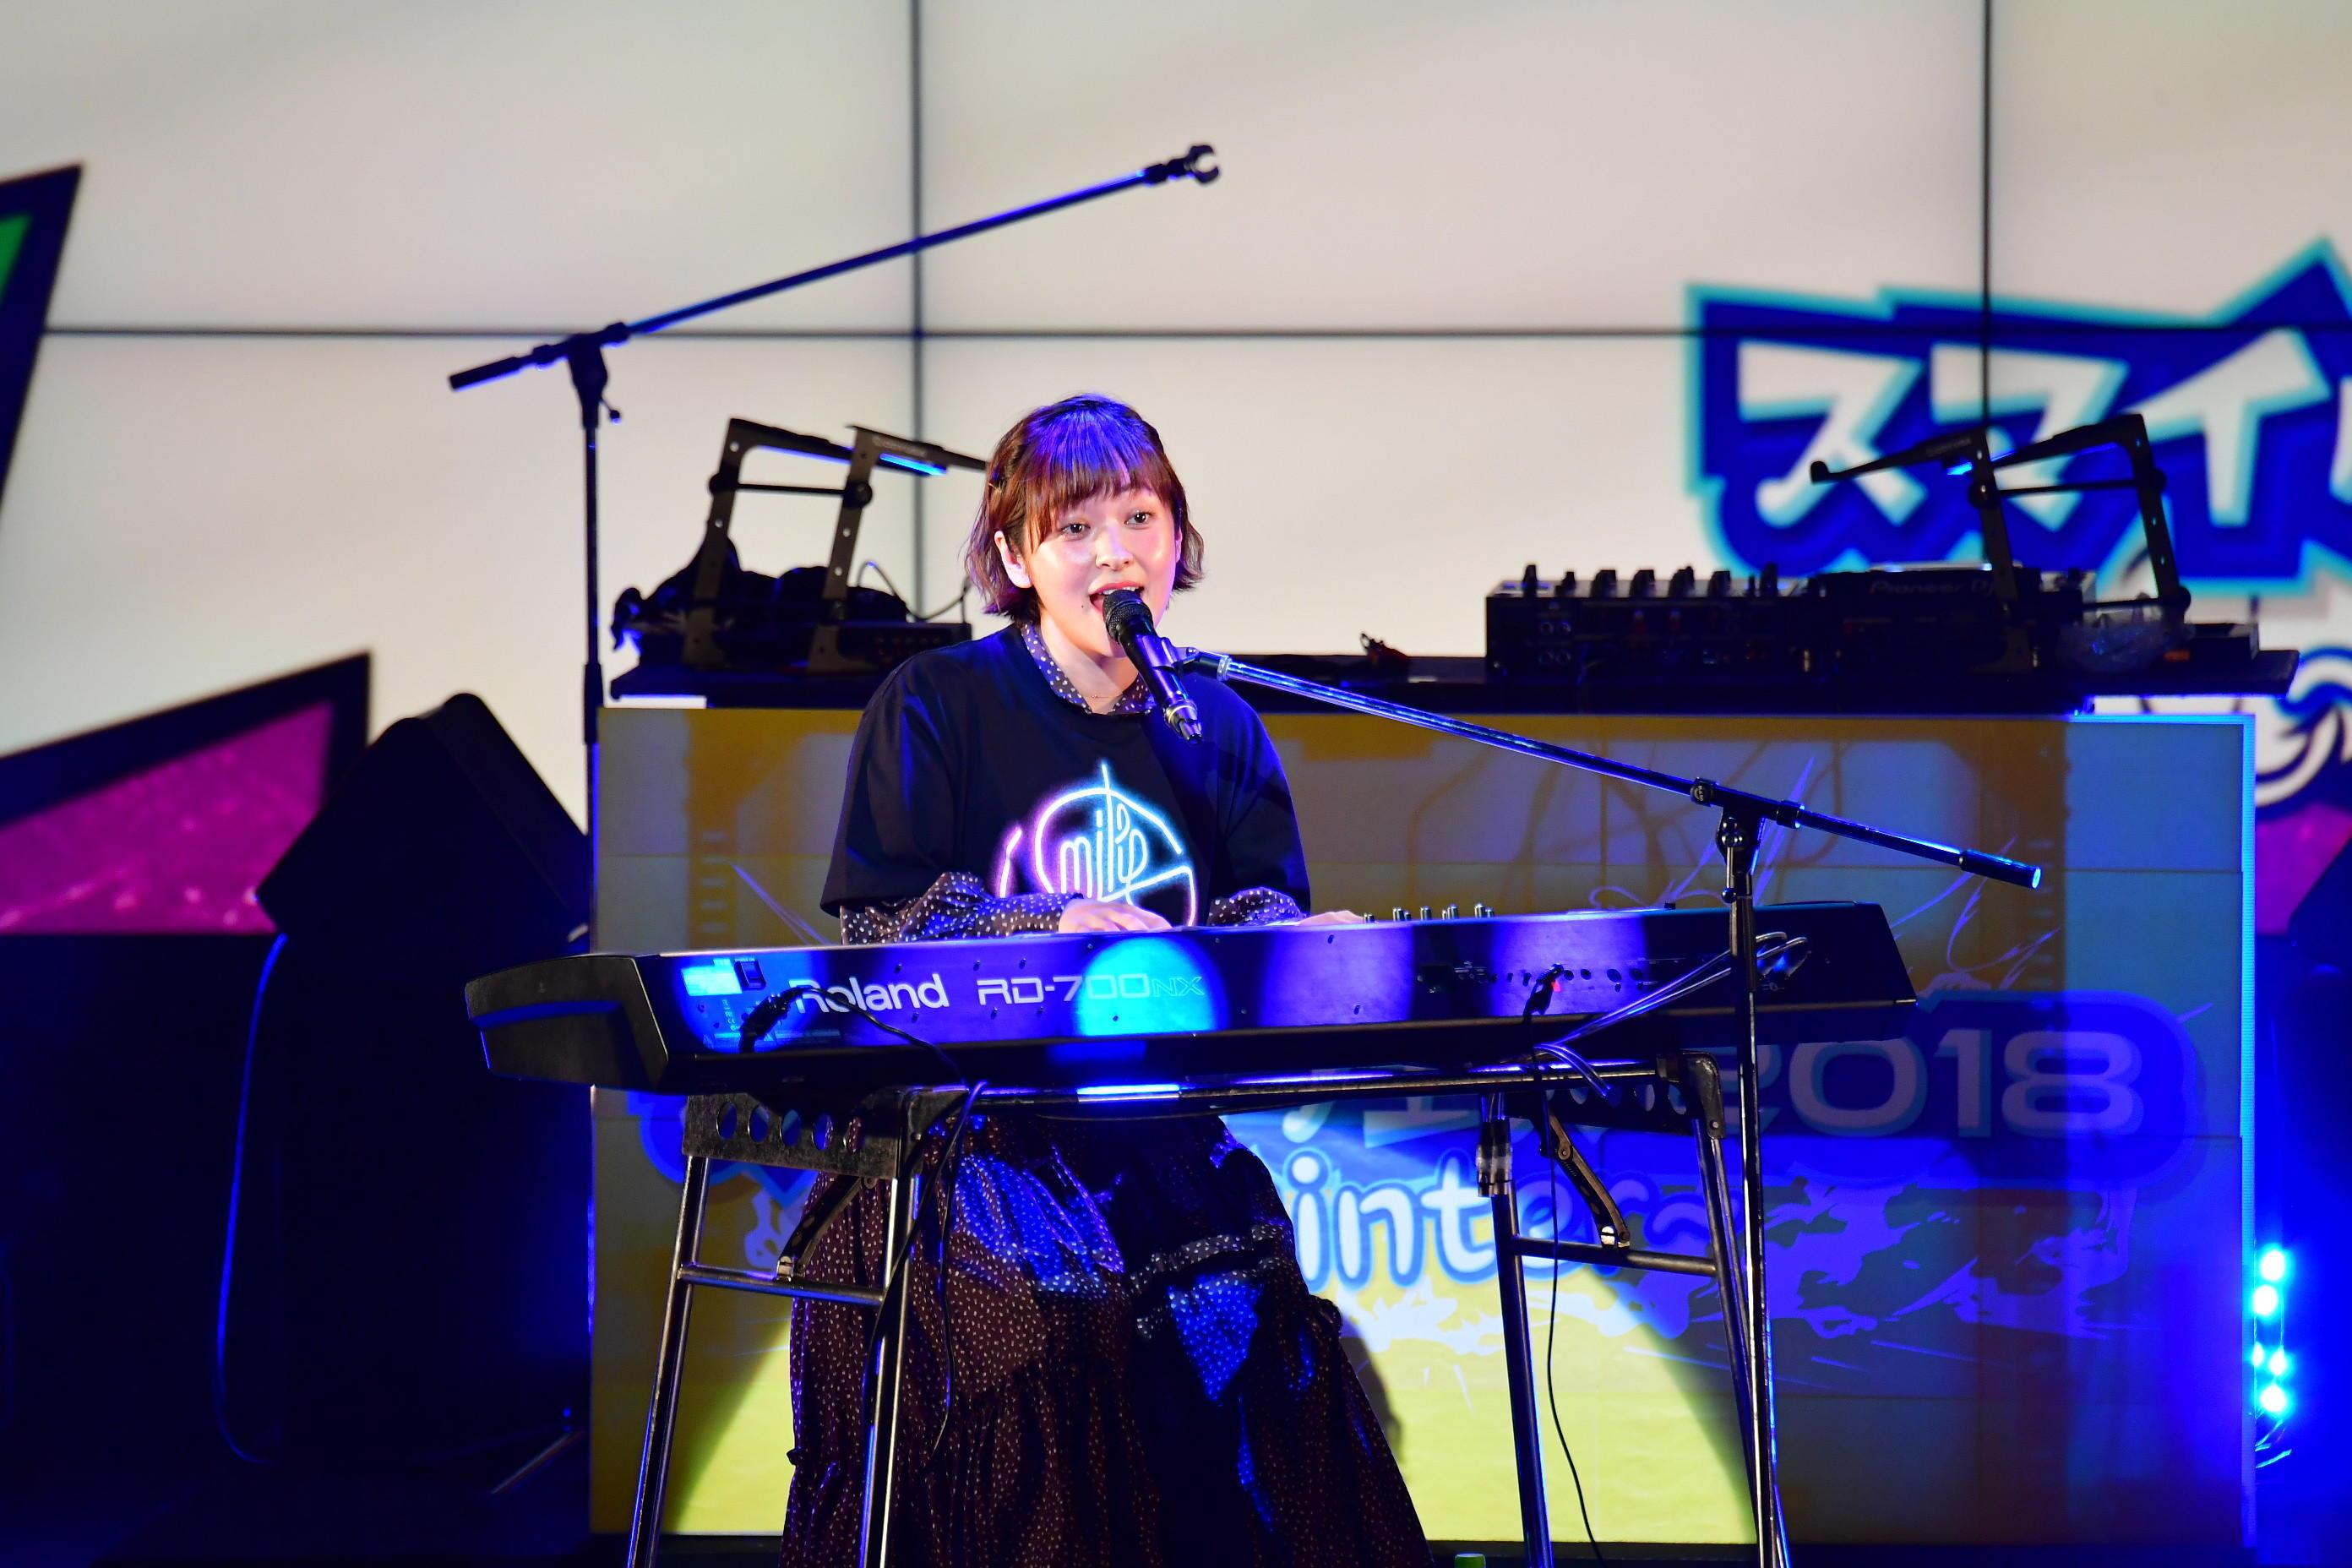 http://news.yoshimoto.co.jp/20180119011015-b2308b19ff1a61adf06ad70be3a7b88da74c5db6.jpg